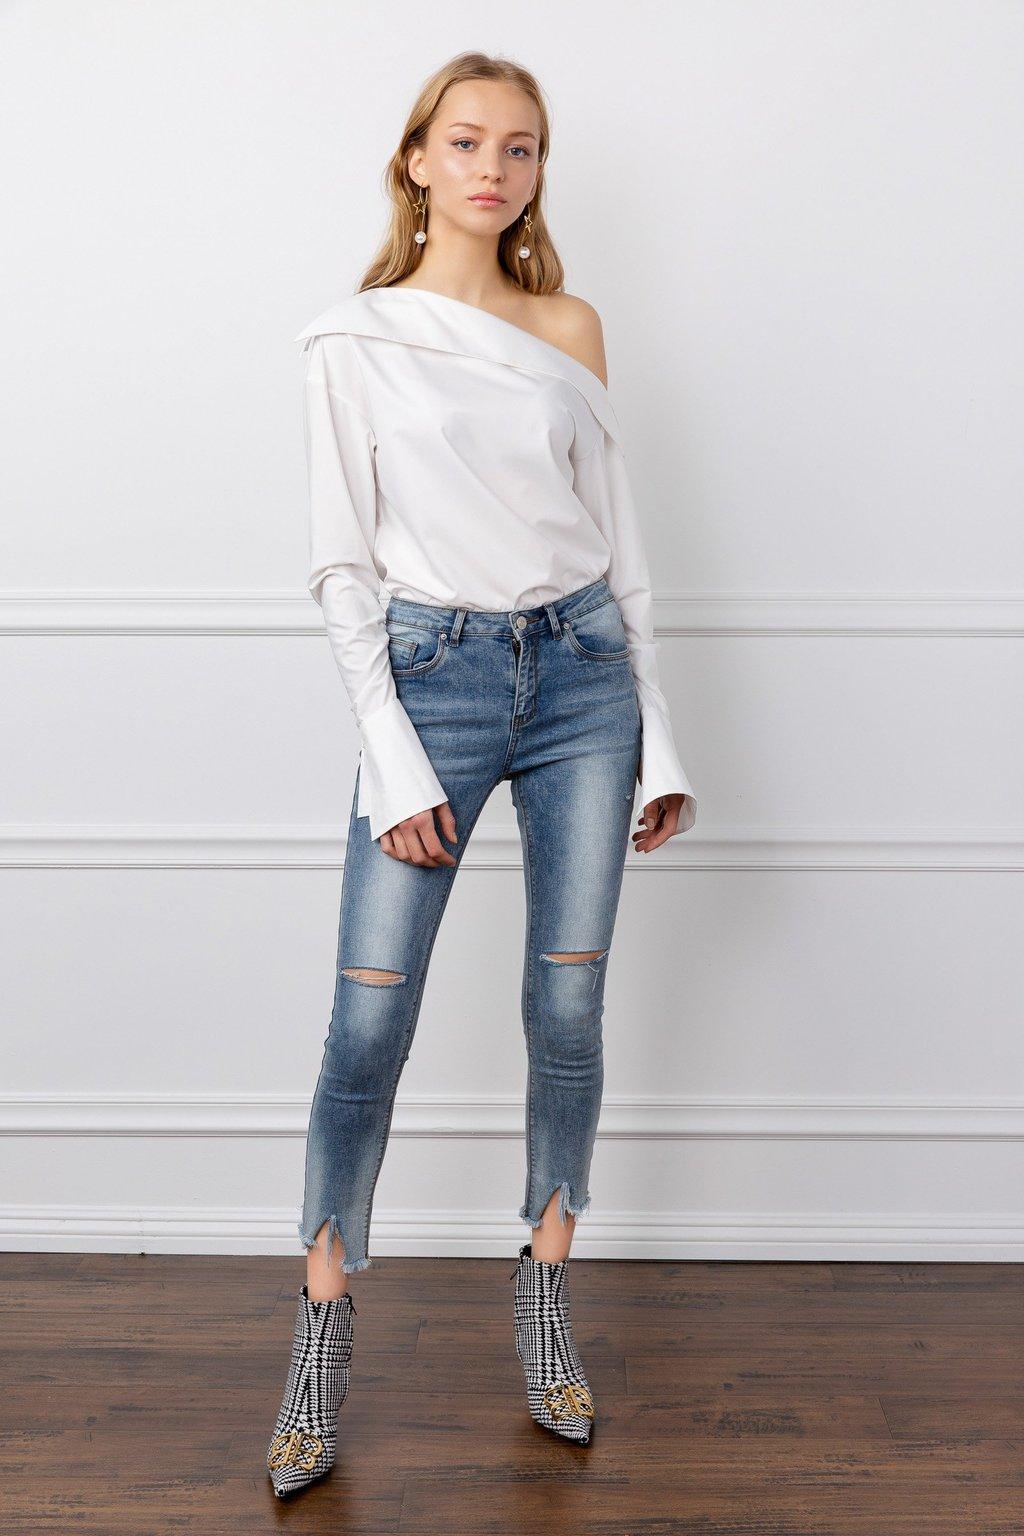 Dakota Blouse by J.ING women's fashion clothing